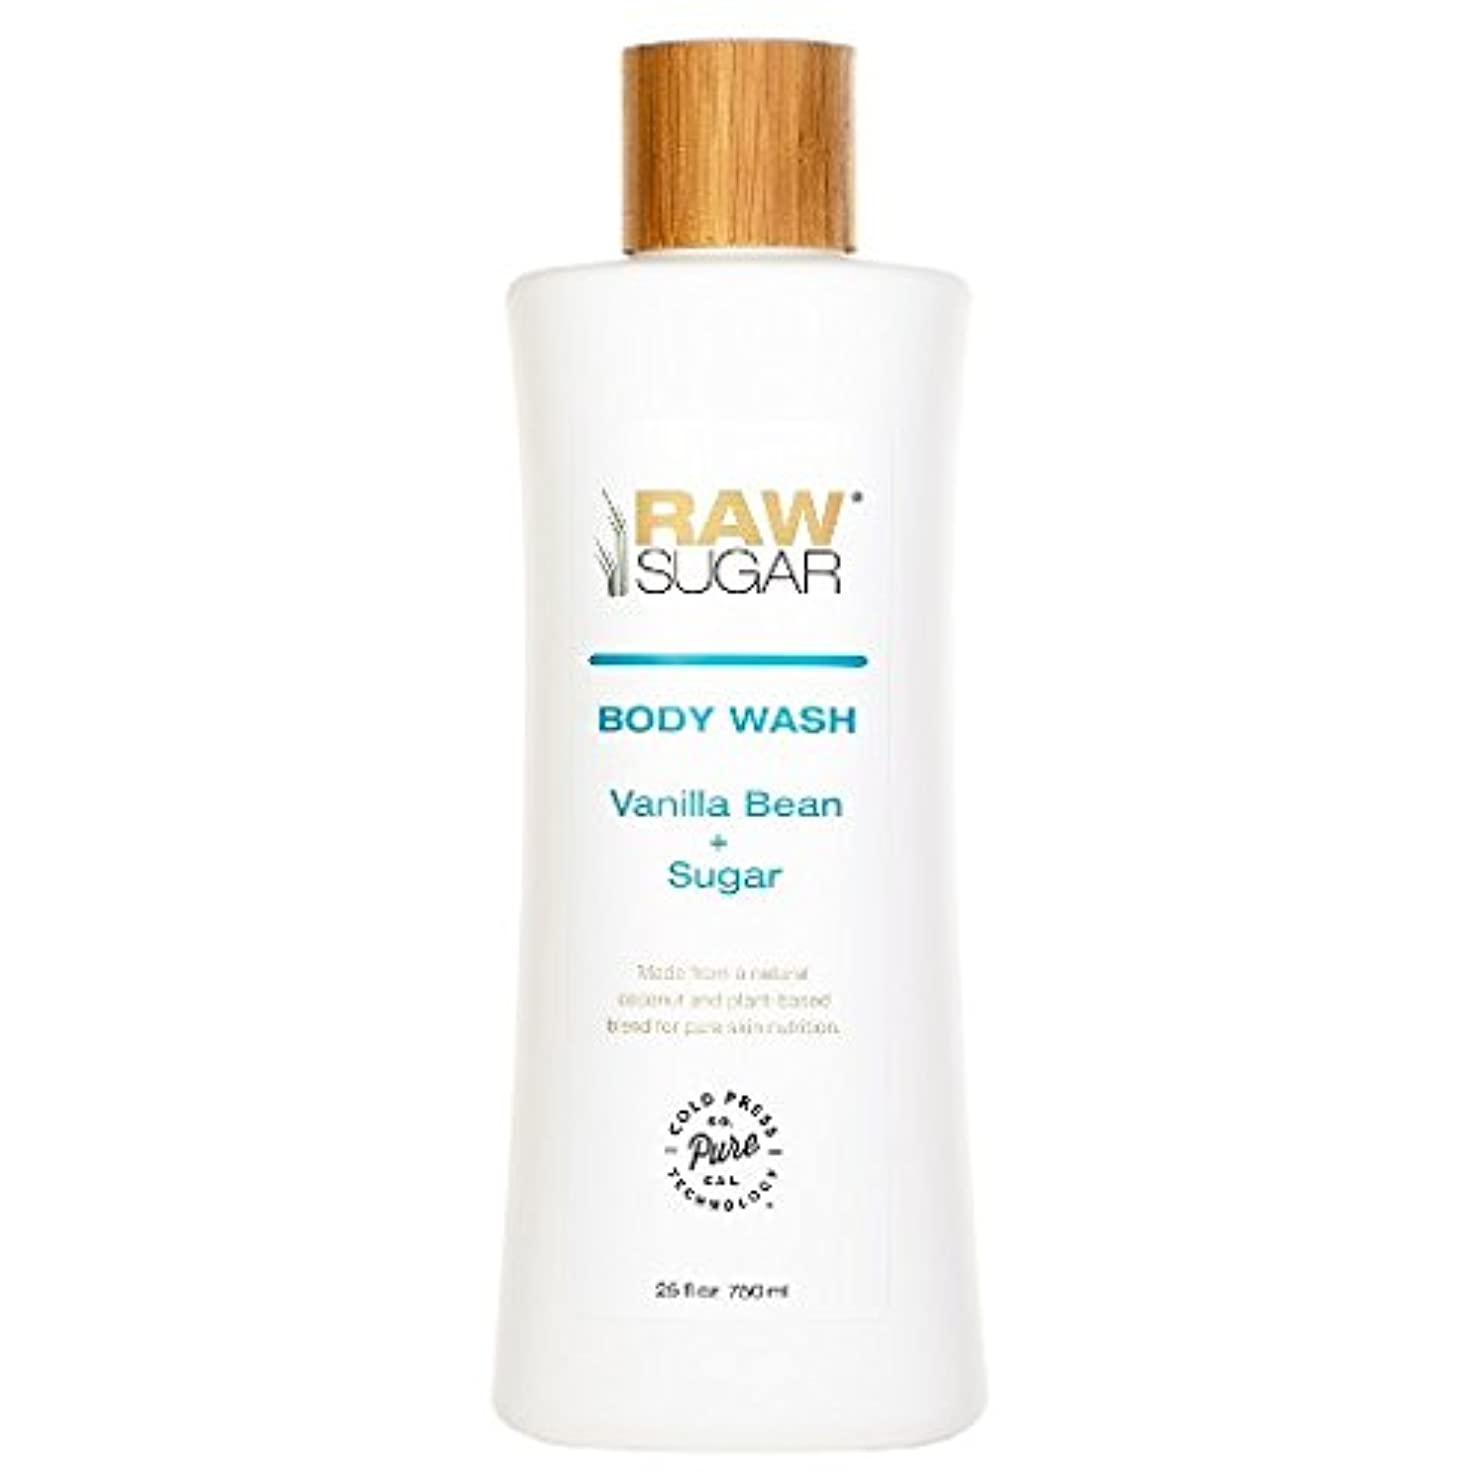 悪い男らしさあからさまRAWTM Sugar Awash in Expectation Vanilla Bean+Sugar Body Wash - 25 oz by raw